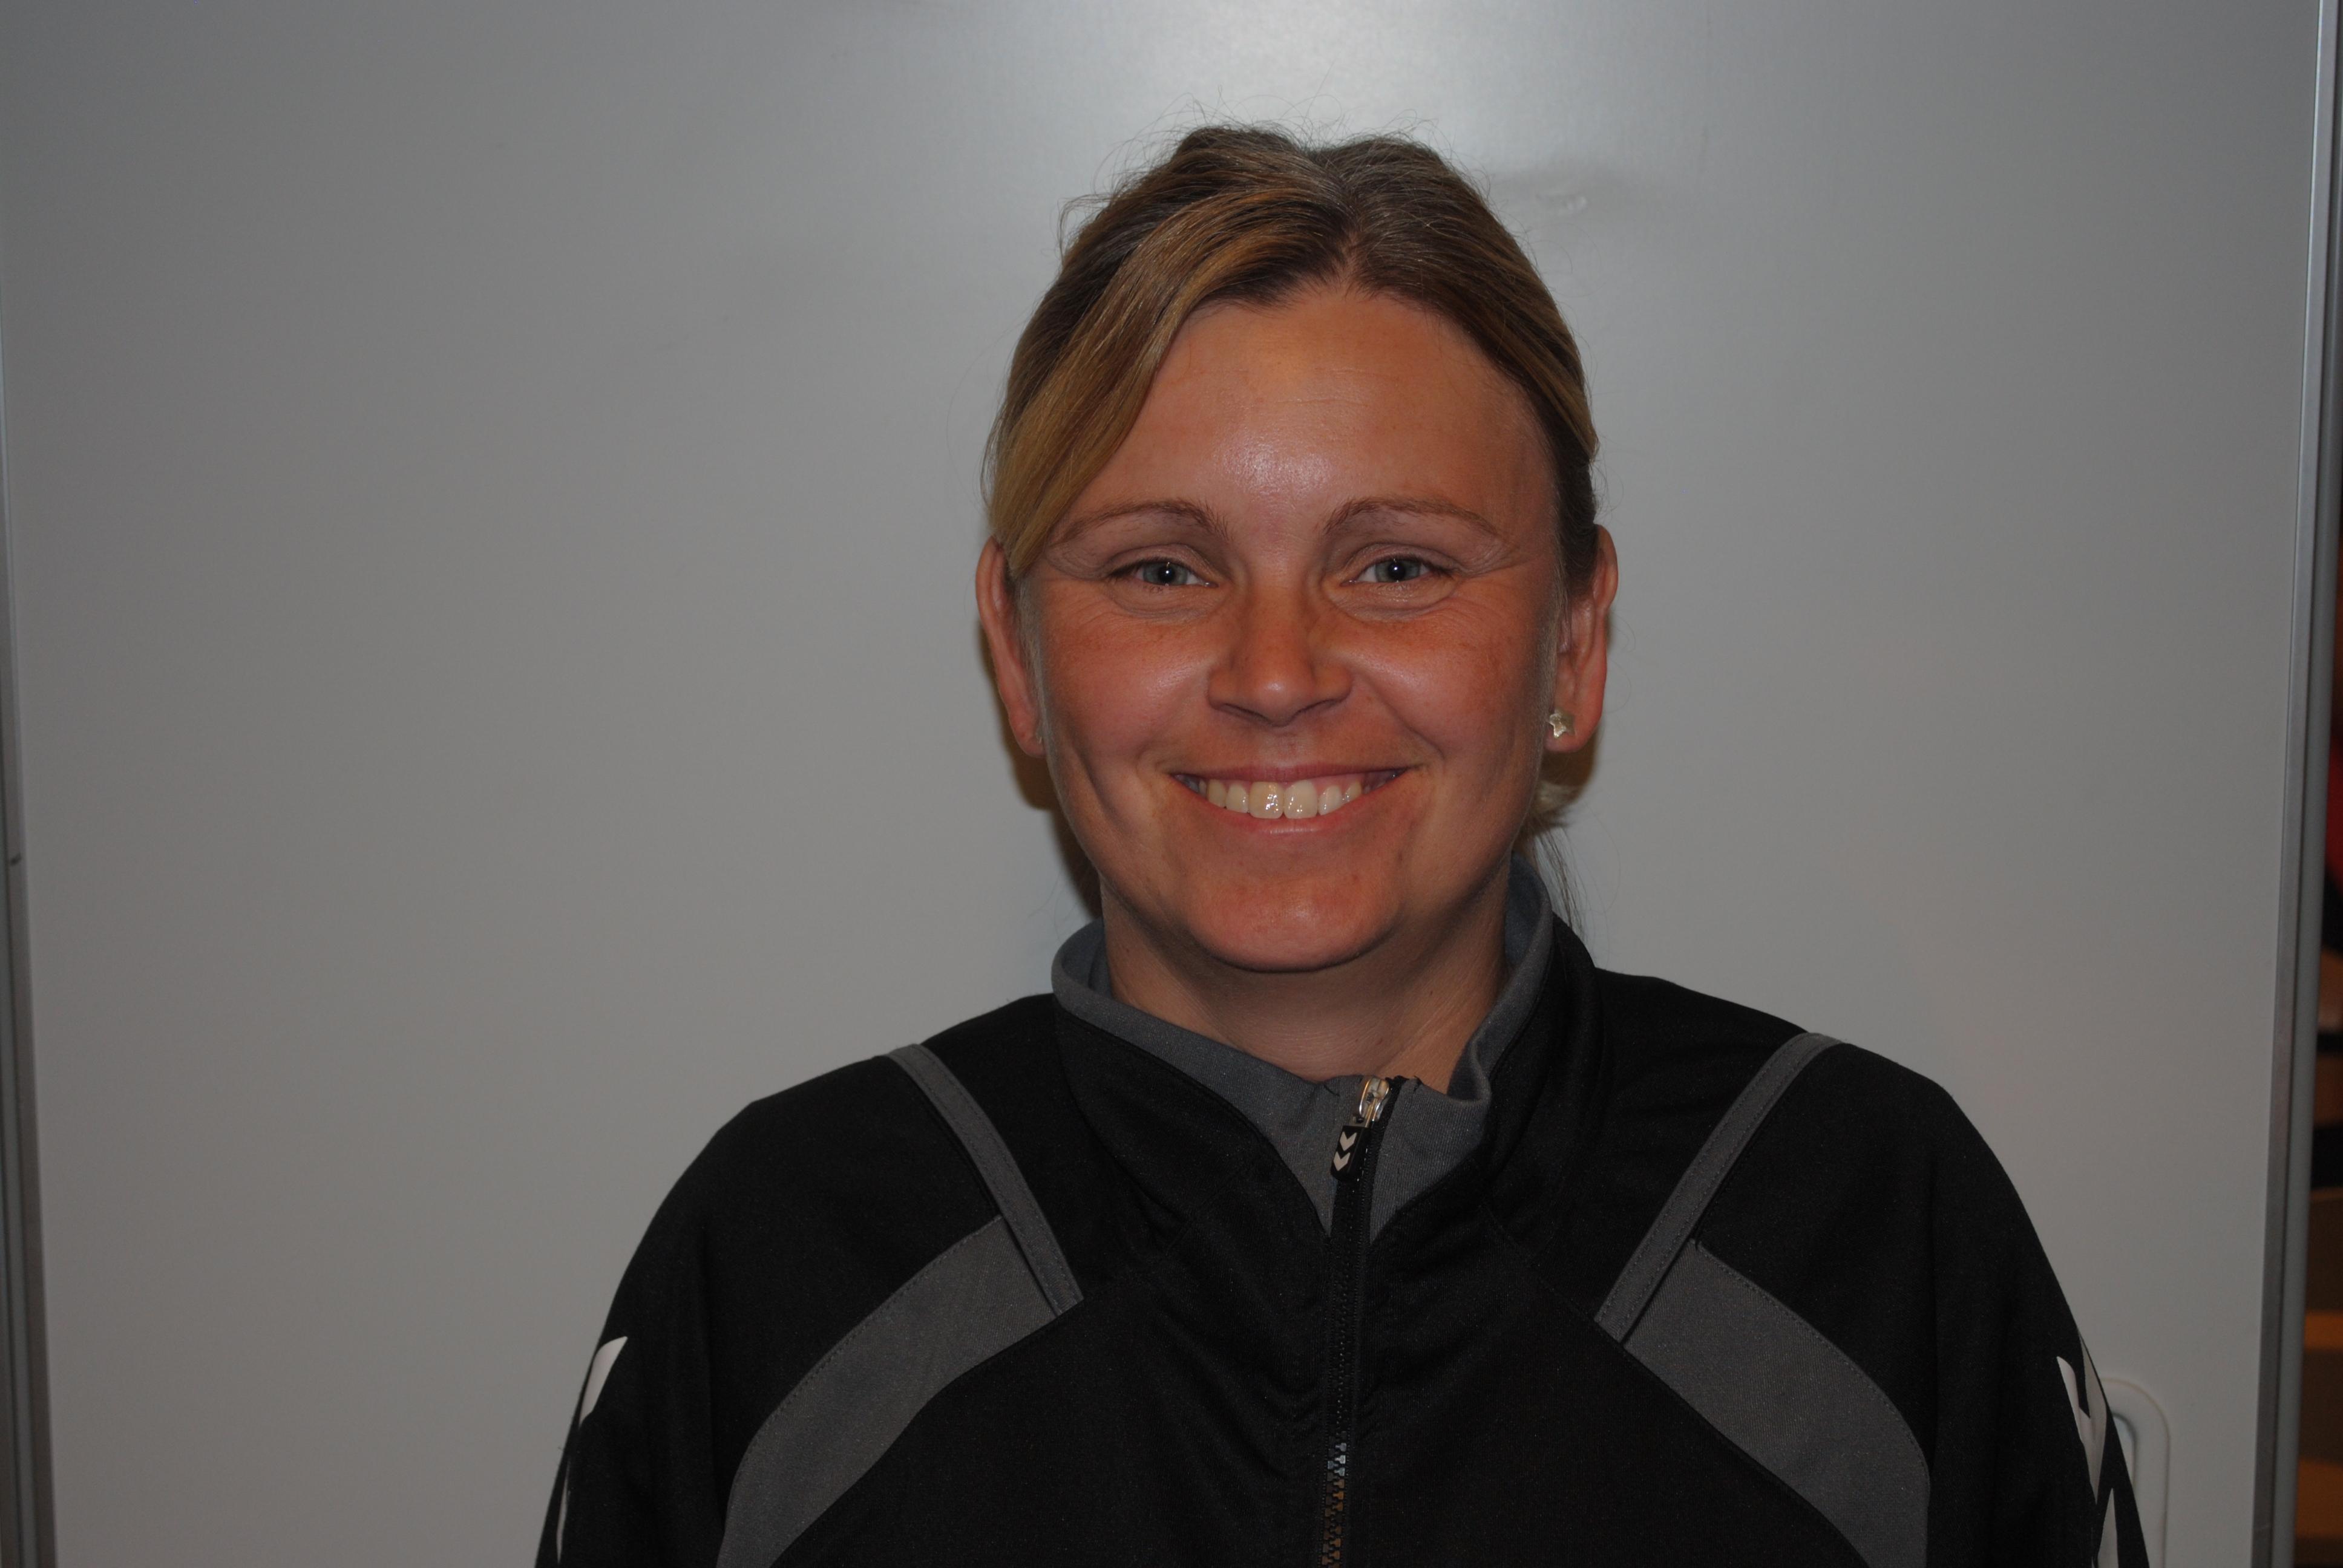 Birgitte Jørgensen